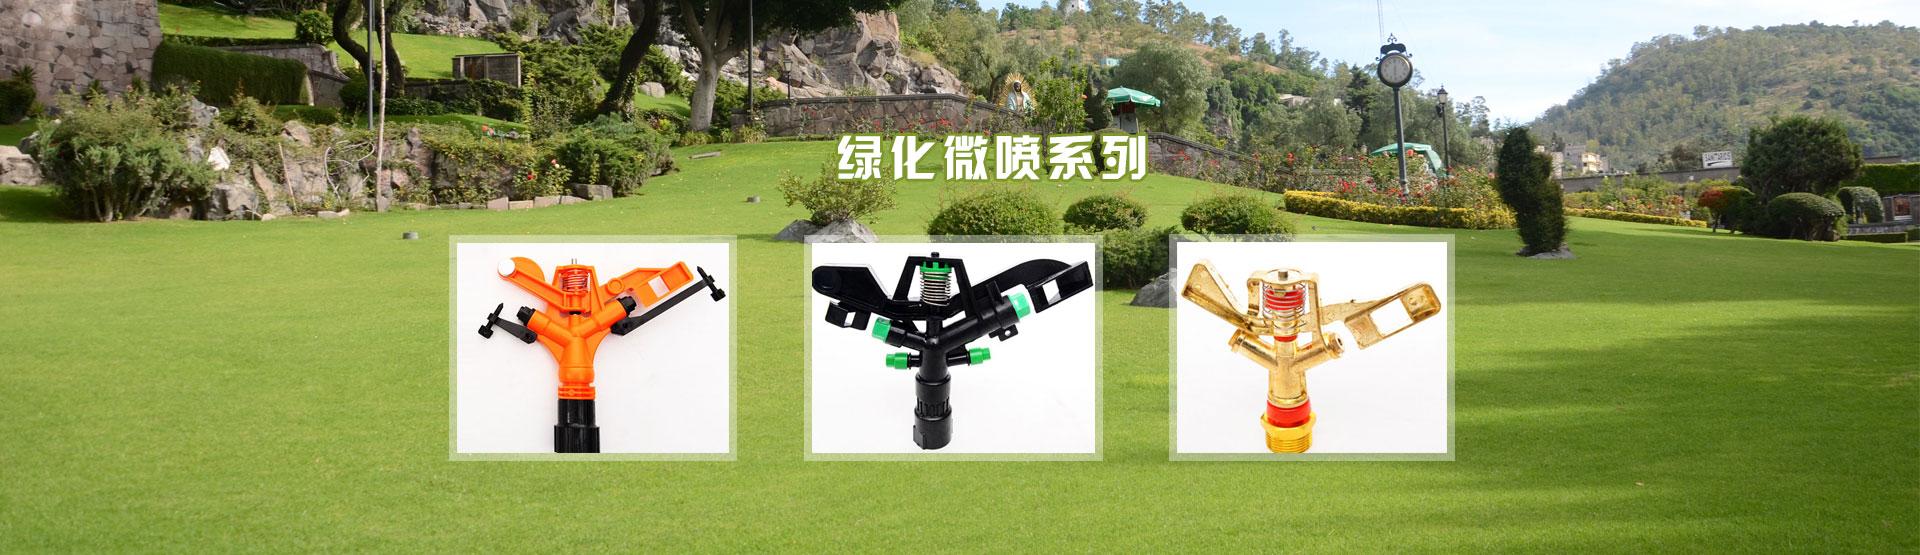 滴灌自动化灌溉系统_自动化灌溉控制器